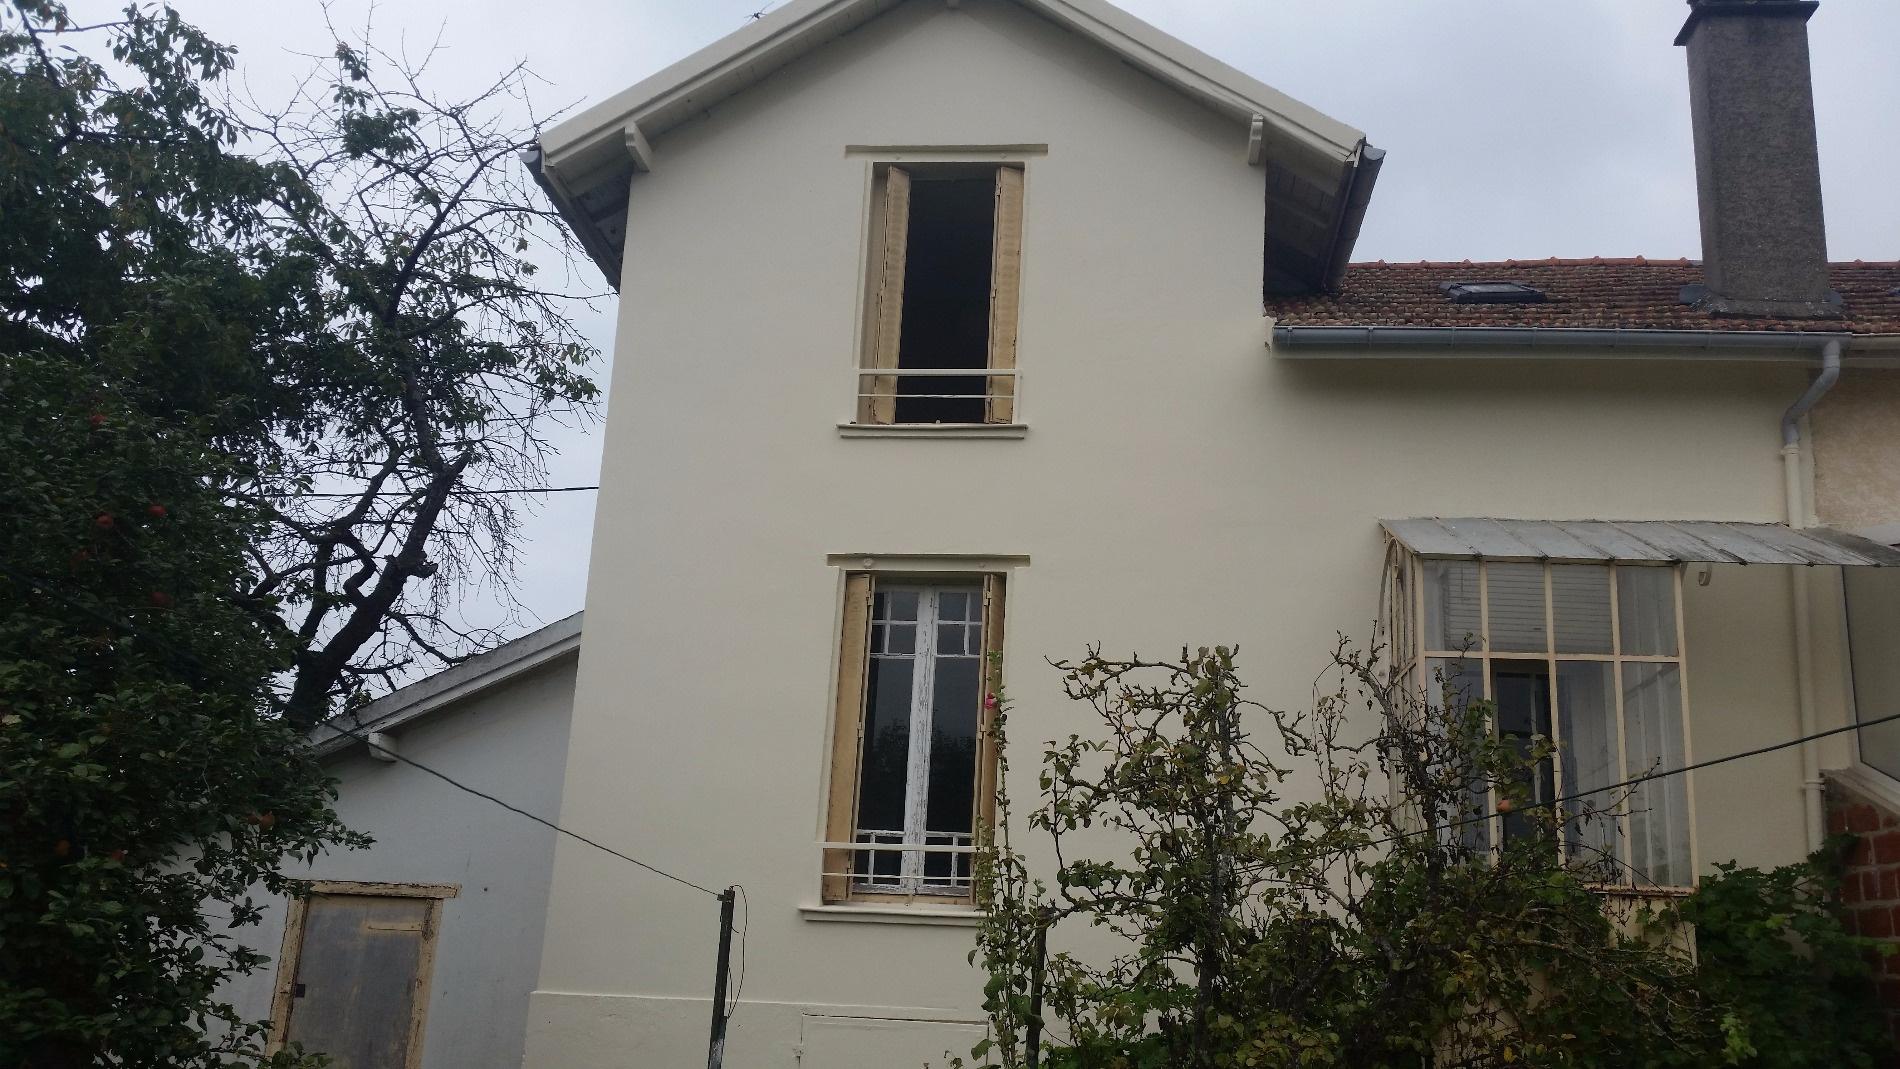 annonce vente maison germain sur morin 77860 90 m 178 238 000 992738499881